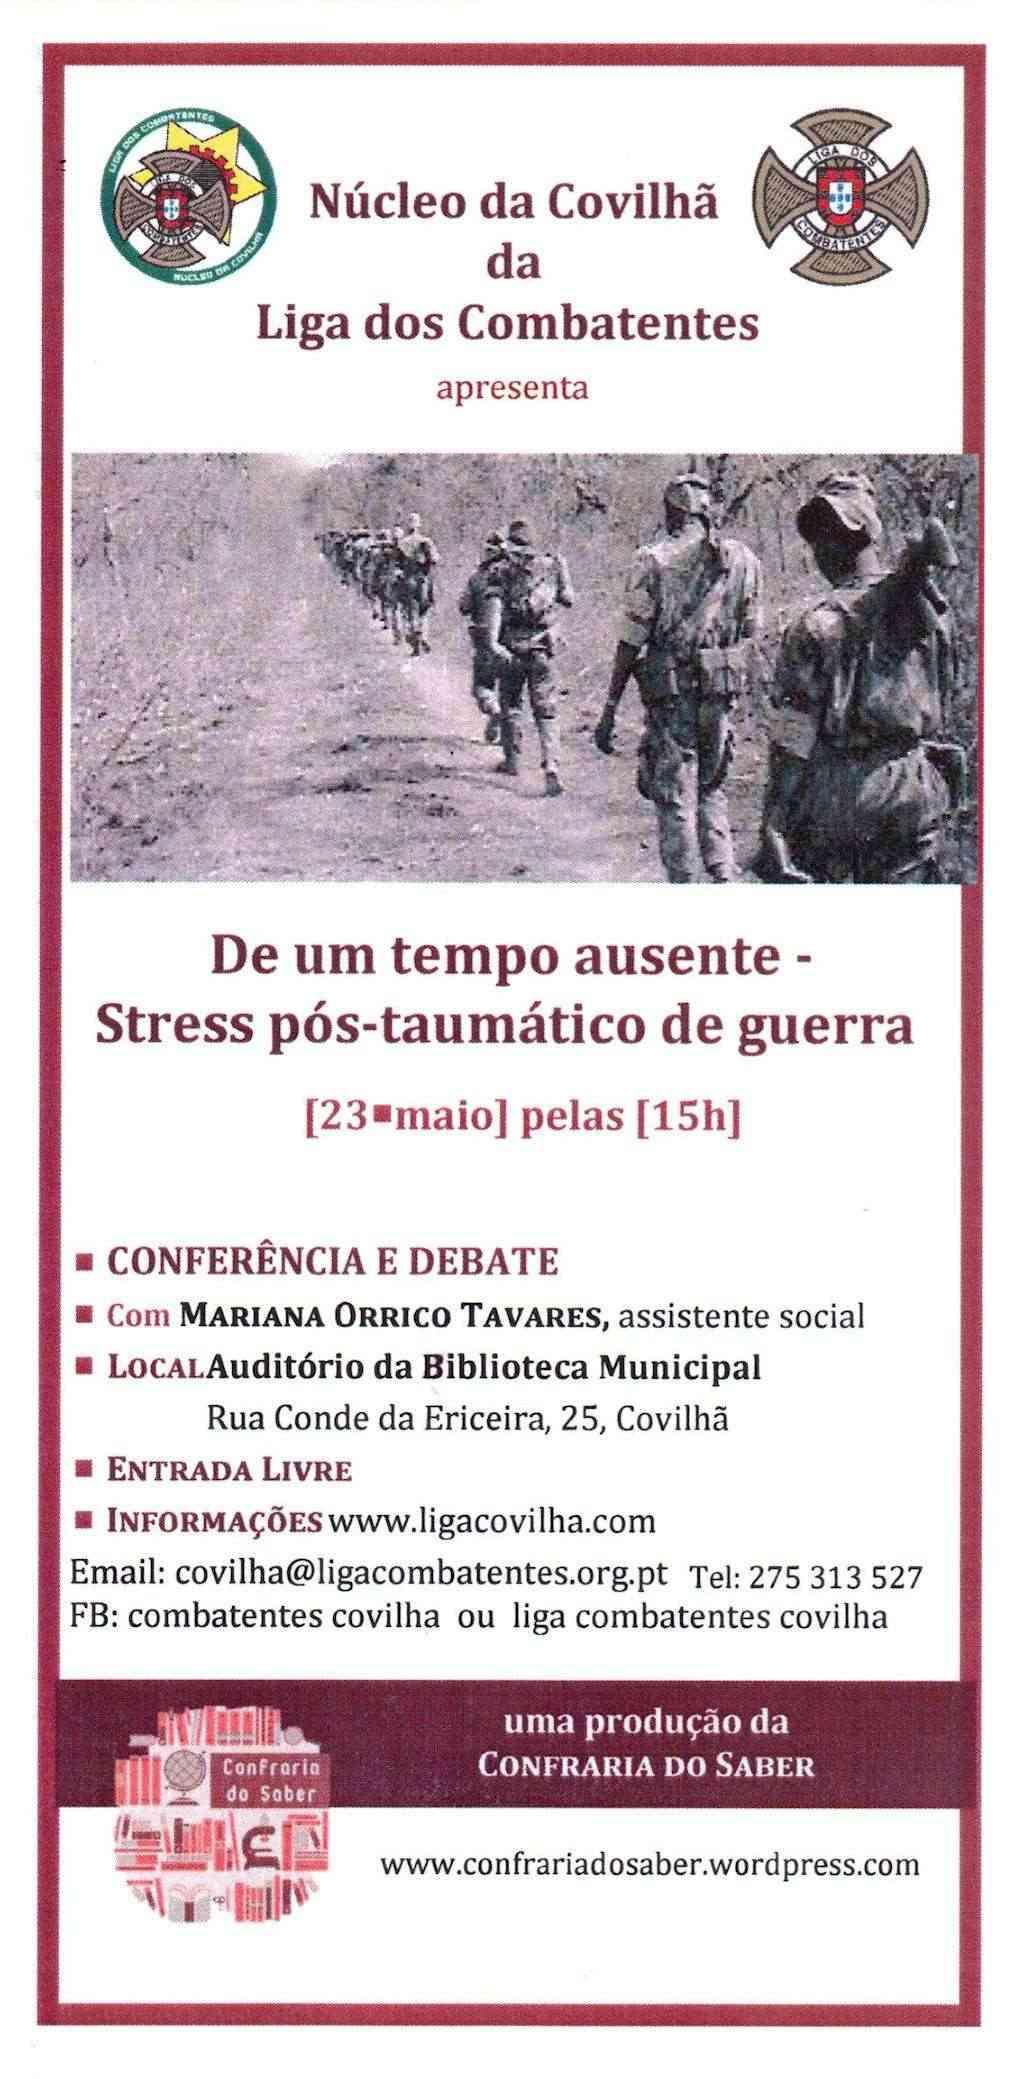 """Conferência e Debate: """"De um tempo ausente - Stress pós-traumático de Guerra"""" Covilhã 23Mai2012   00210"""